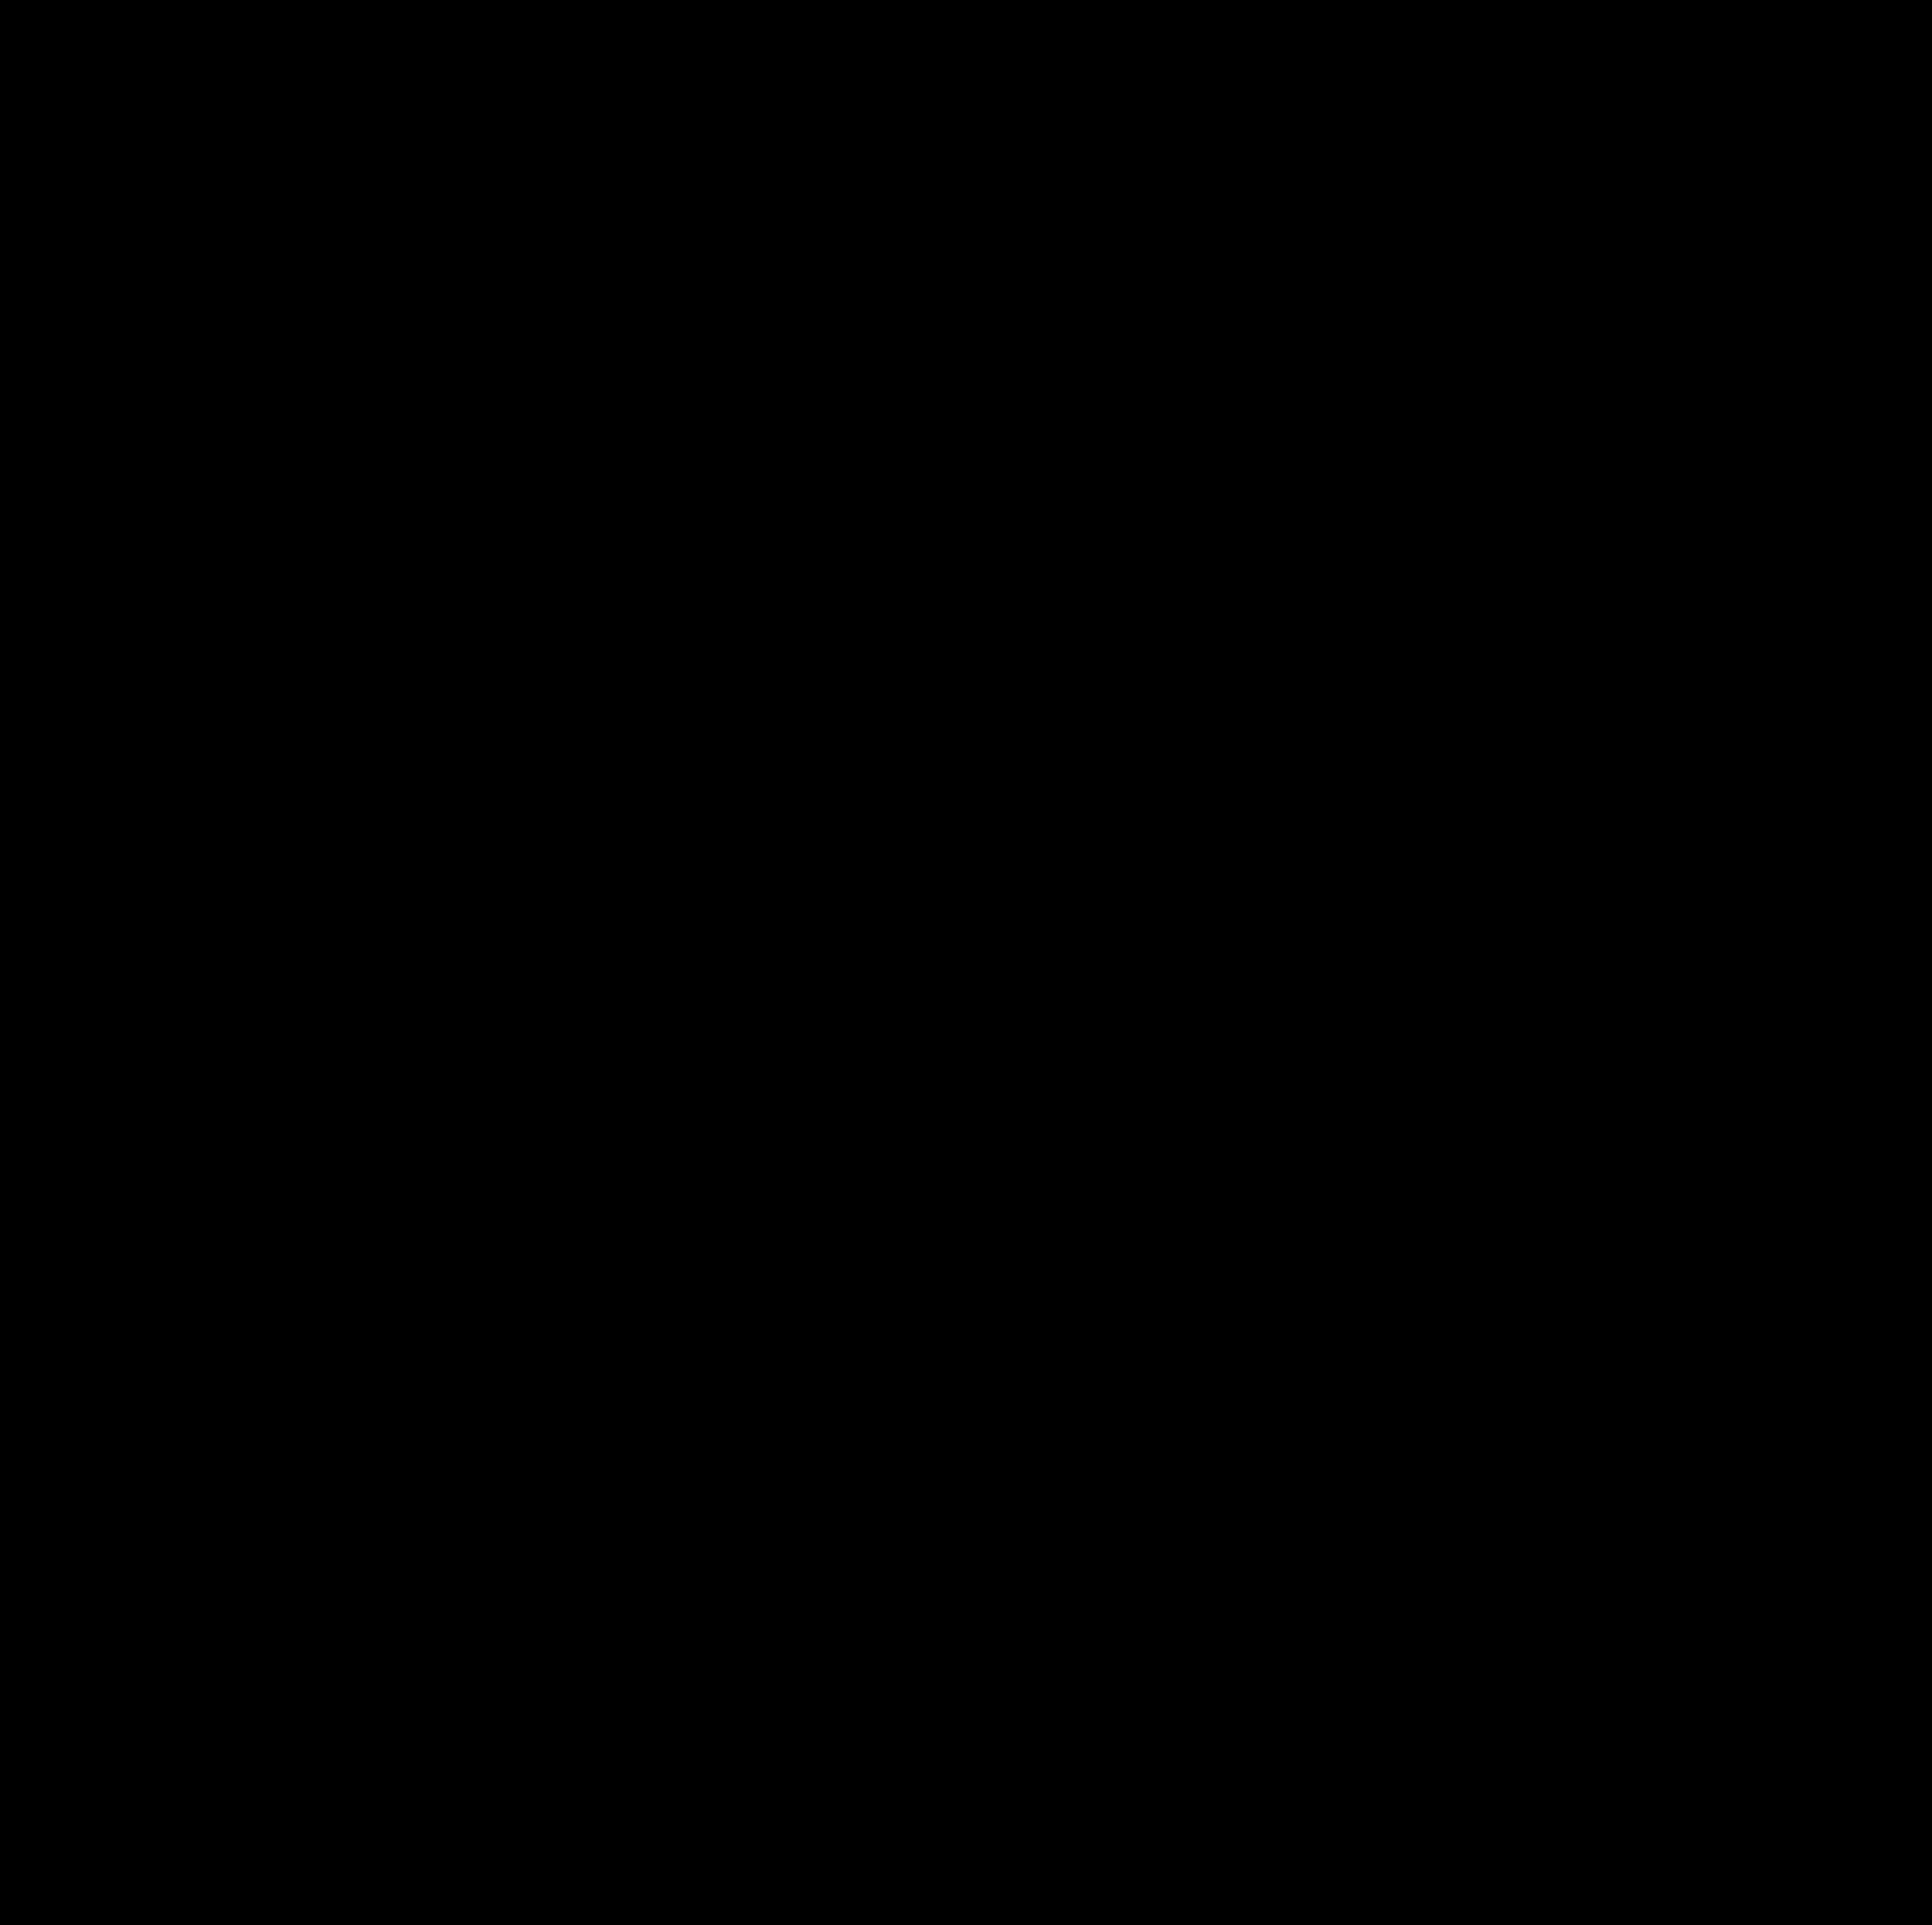 Manuel pour une sortie positive de la crise institut de l'économie positive